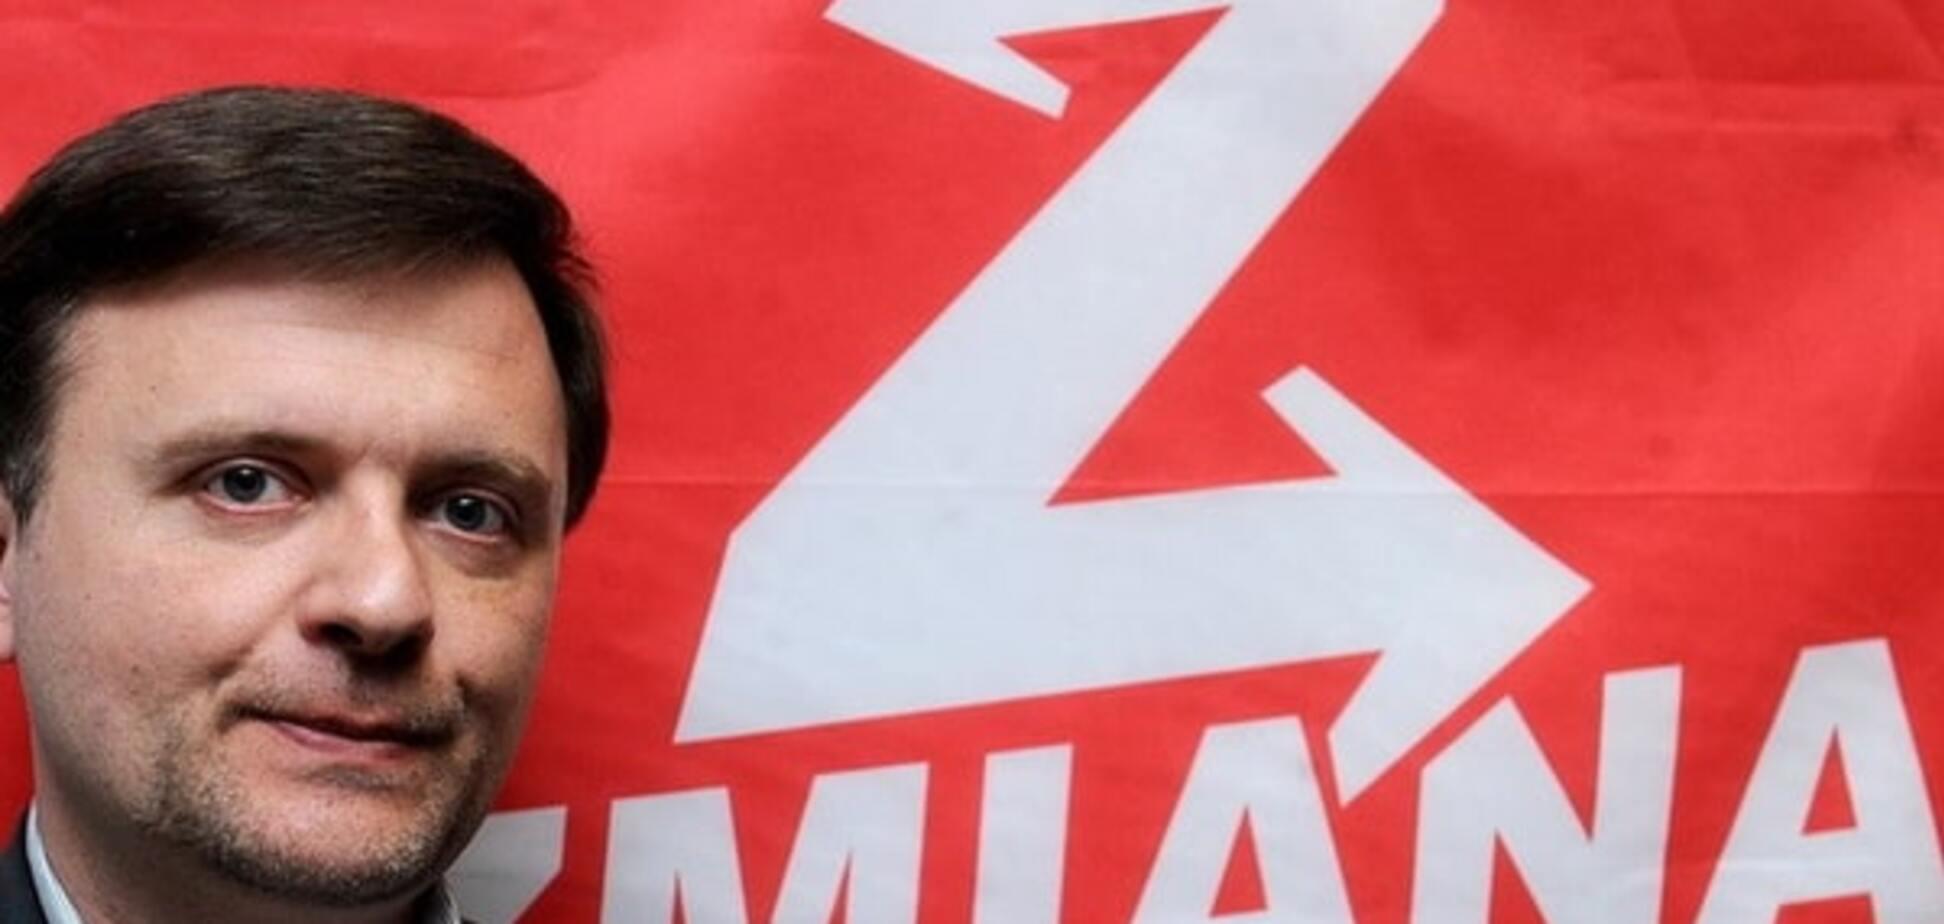 Польські друзі Путіна попросили 'ДНР-івців' дати їм візи в Донецьк через Росію